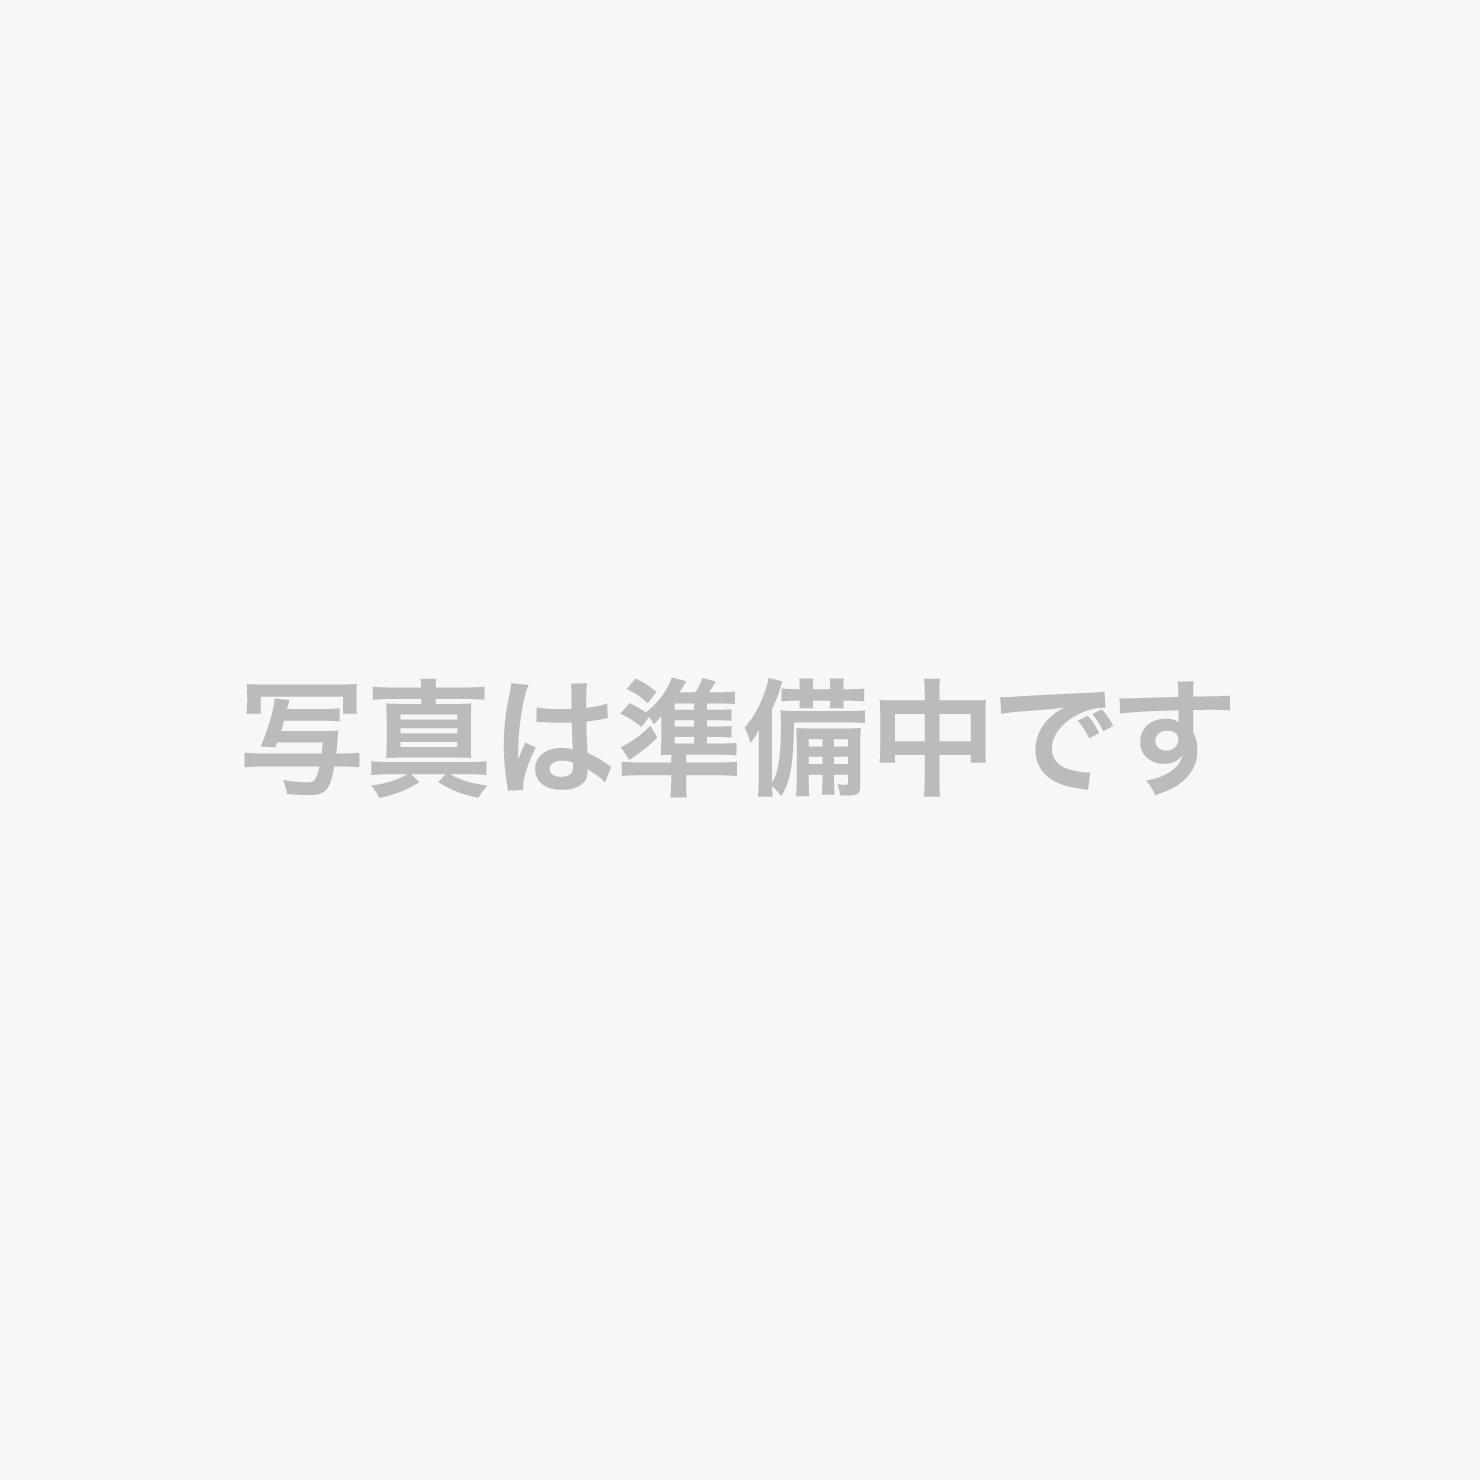 ★期間限定★【かにクリームコロッケ】10/12~11/30豪華グレードアップバイキング